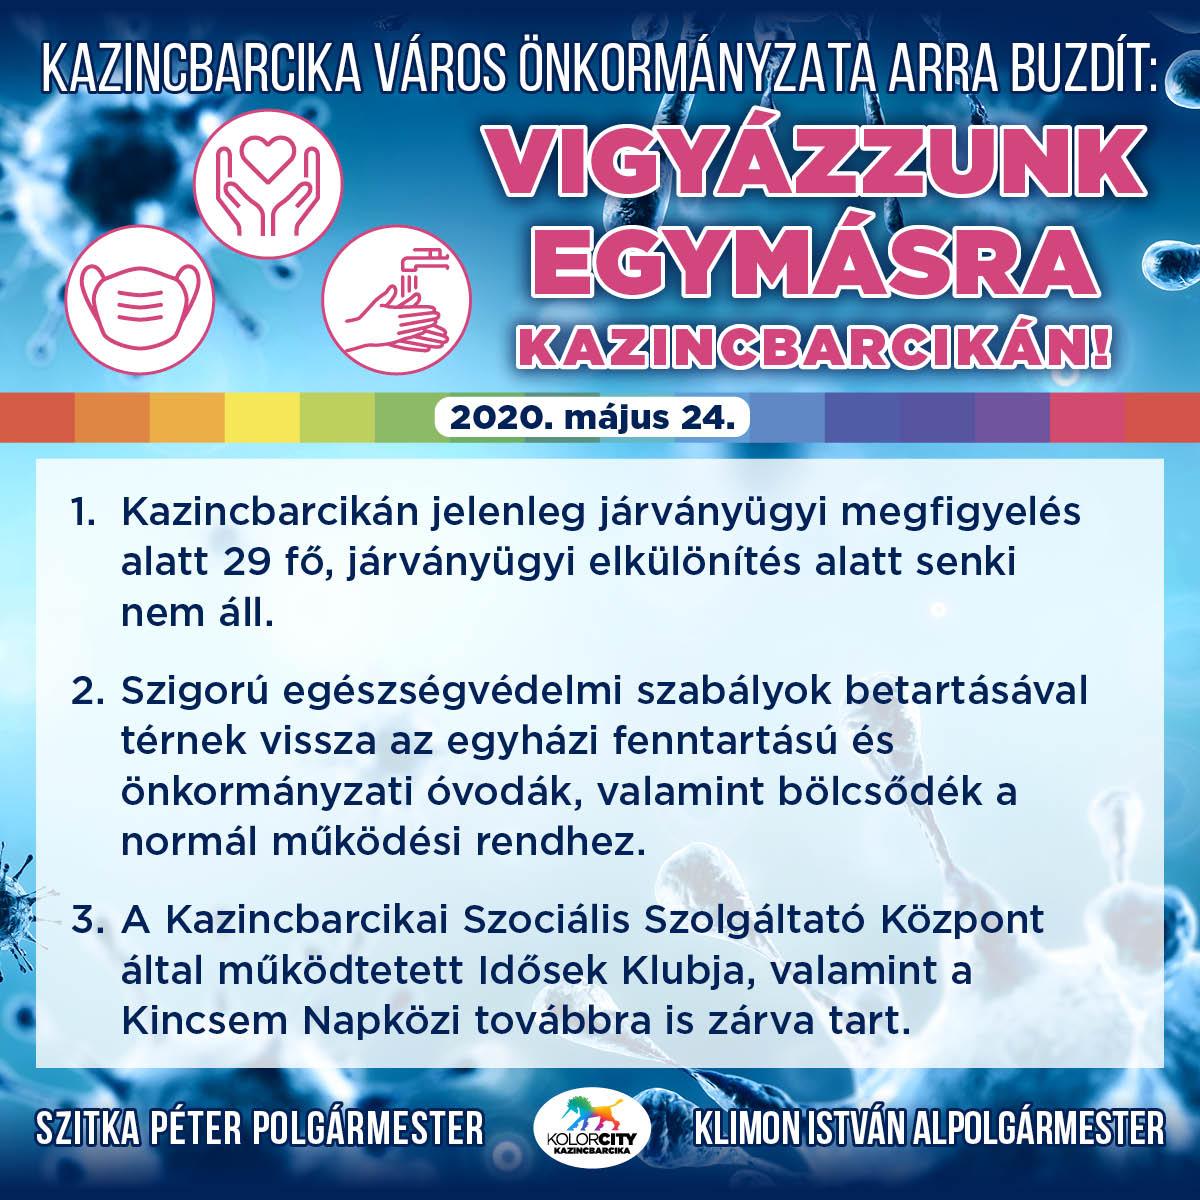 https://kolorline.hu/Vigyázzunk egymásra Kazincbarcikán! – 2020. május 24.